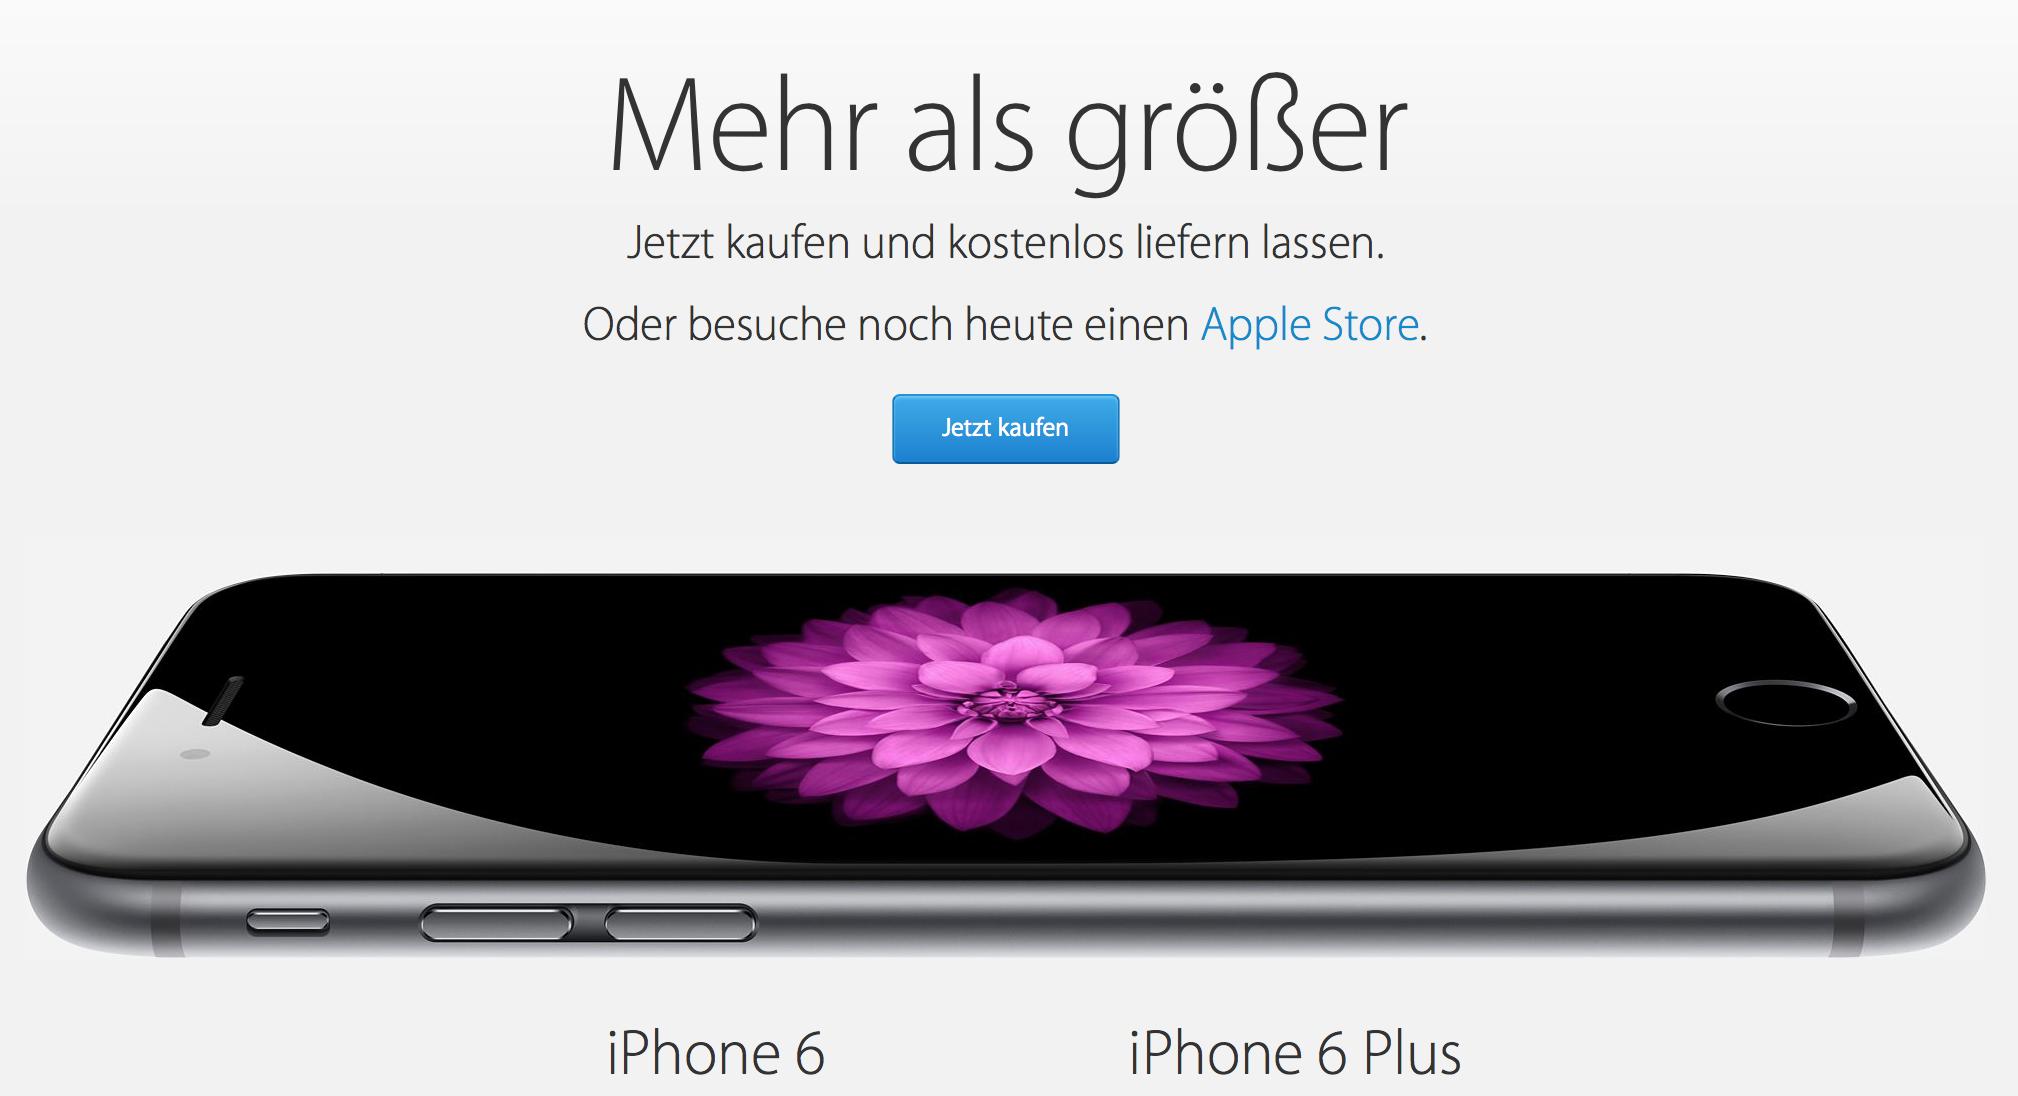 Screen Shot 2014-09-27 at 20.24.50.png